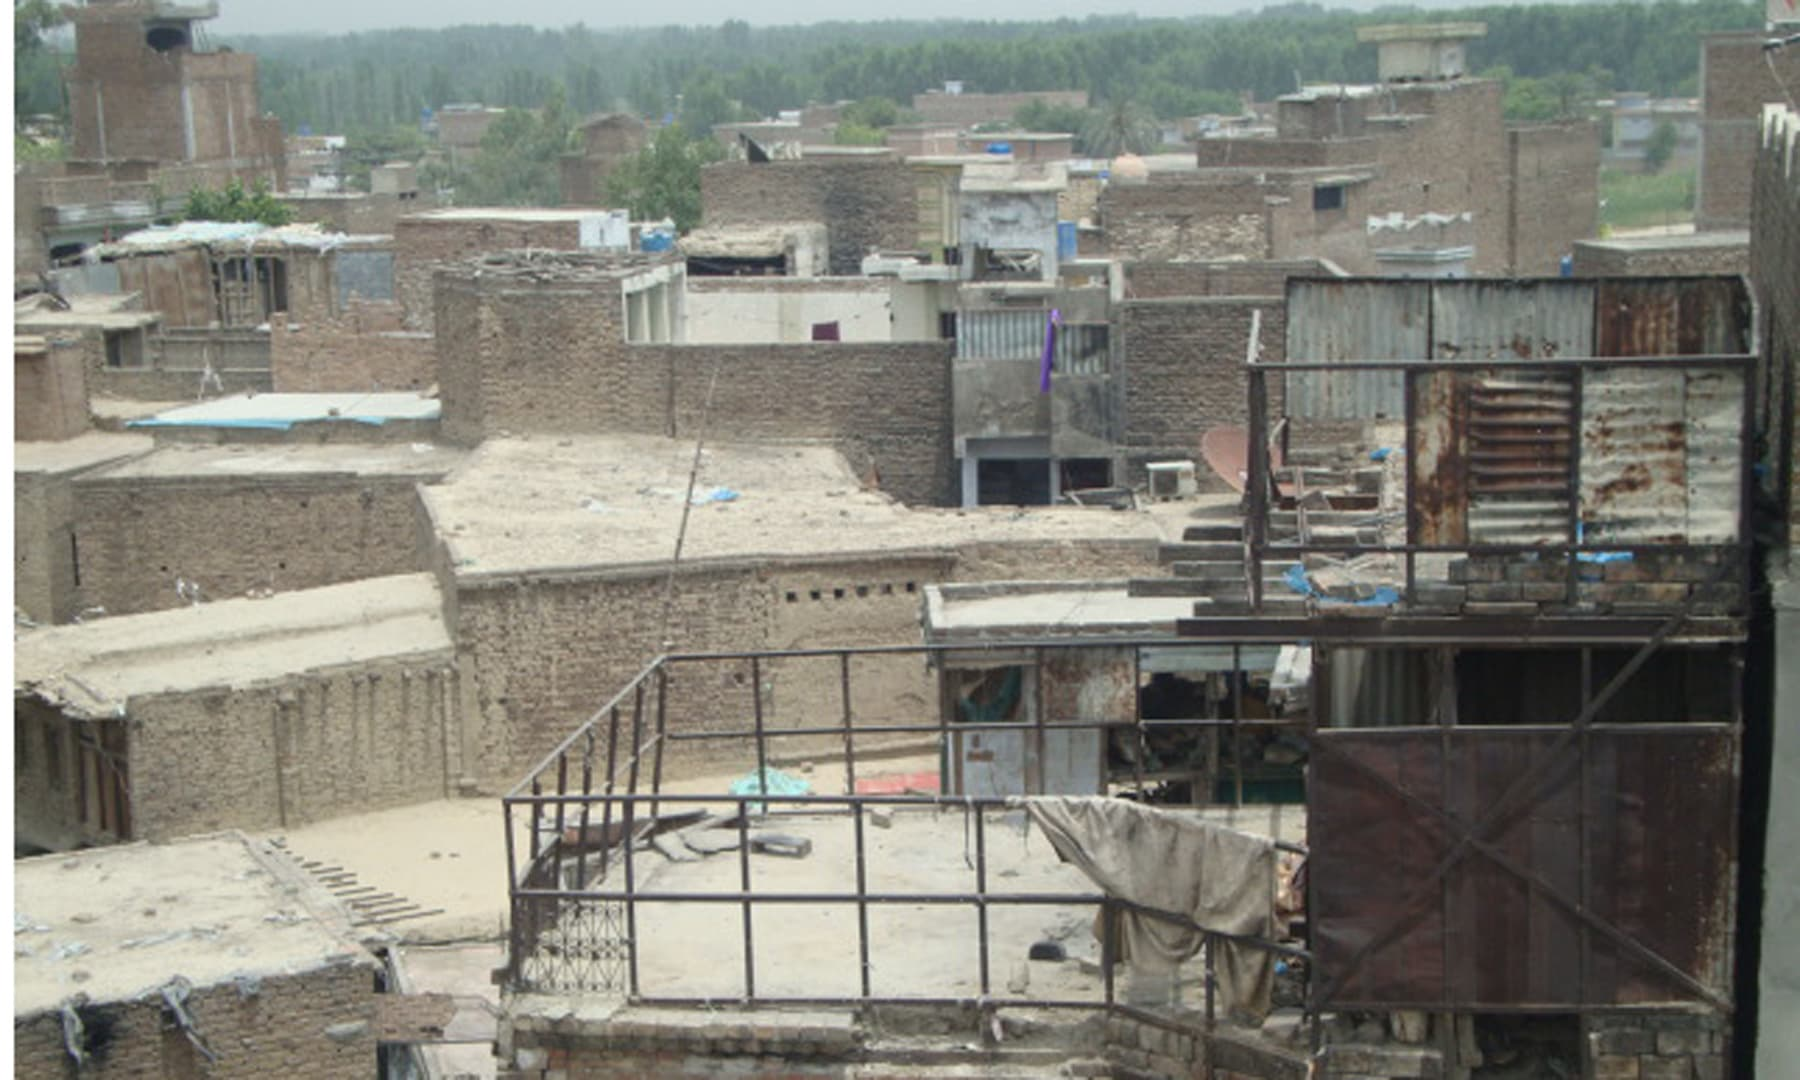 یہ علاقہ صوبہ خیبر پختونخوا میں نمایاں حیثیت رکھتا ہے—عظمت اکبر